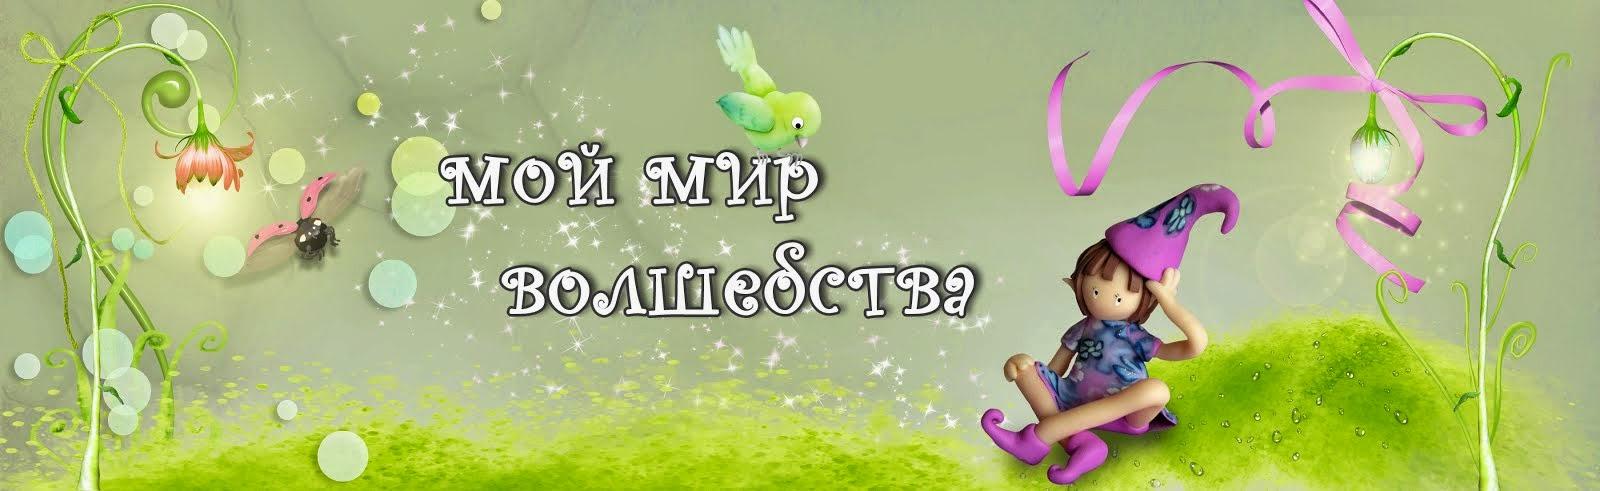 мой мир волшебства